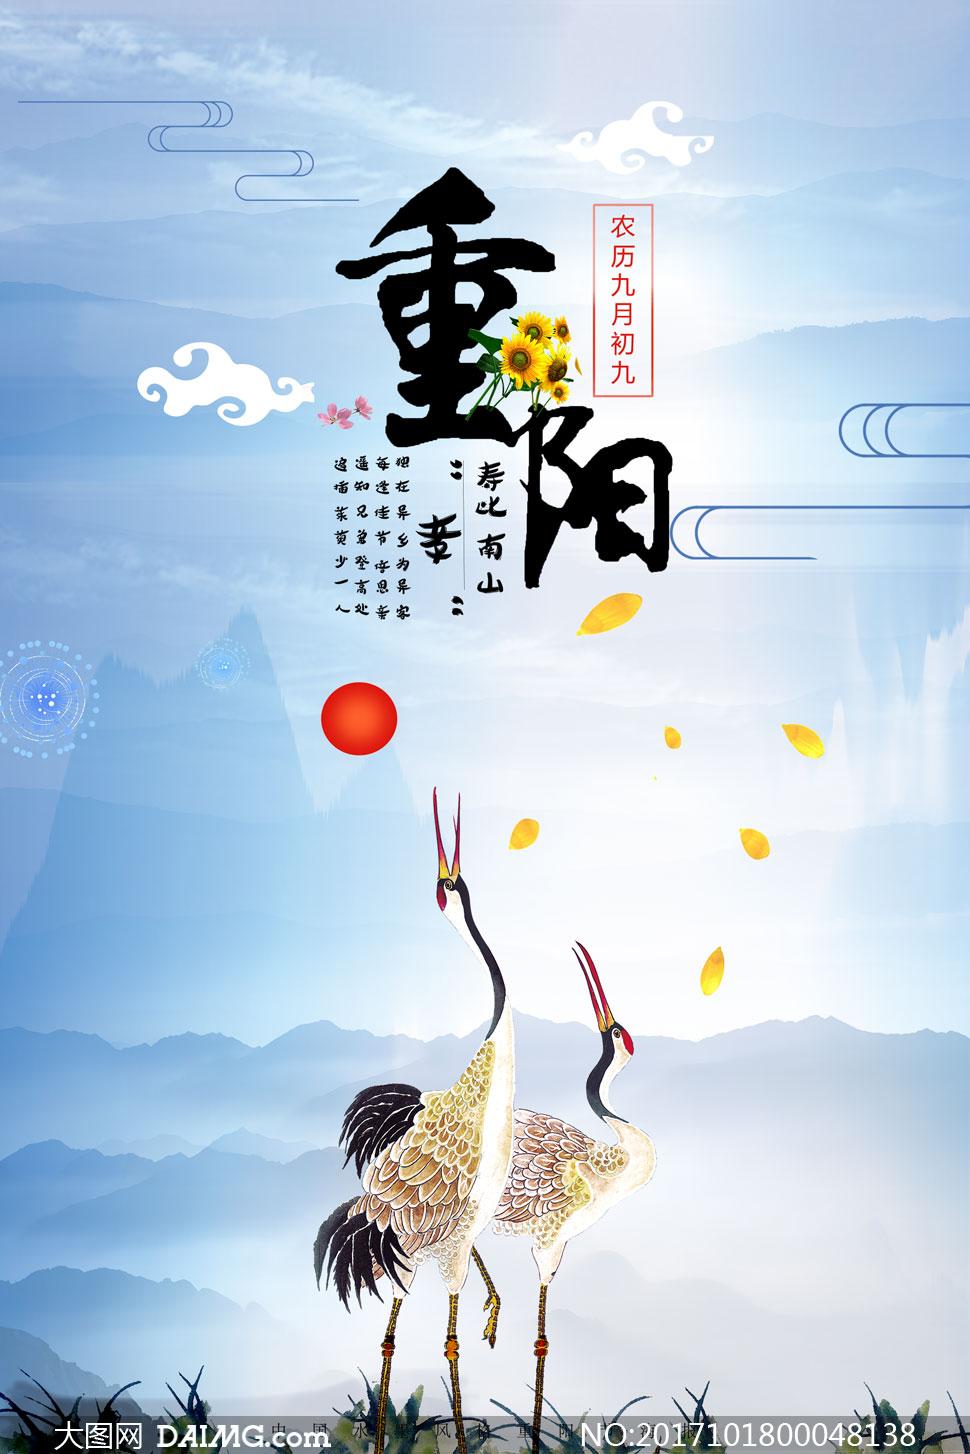 九九重阳节祝福句子 重阳节祝福短句 重阳节祝福图片重阳节图片